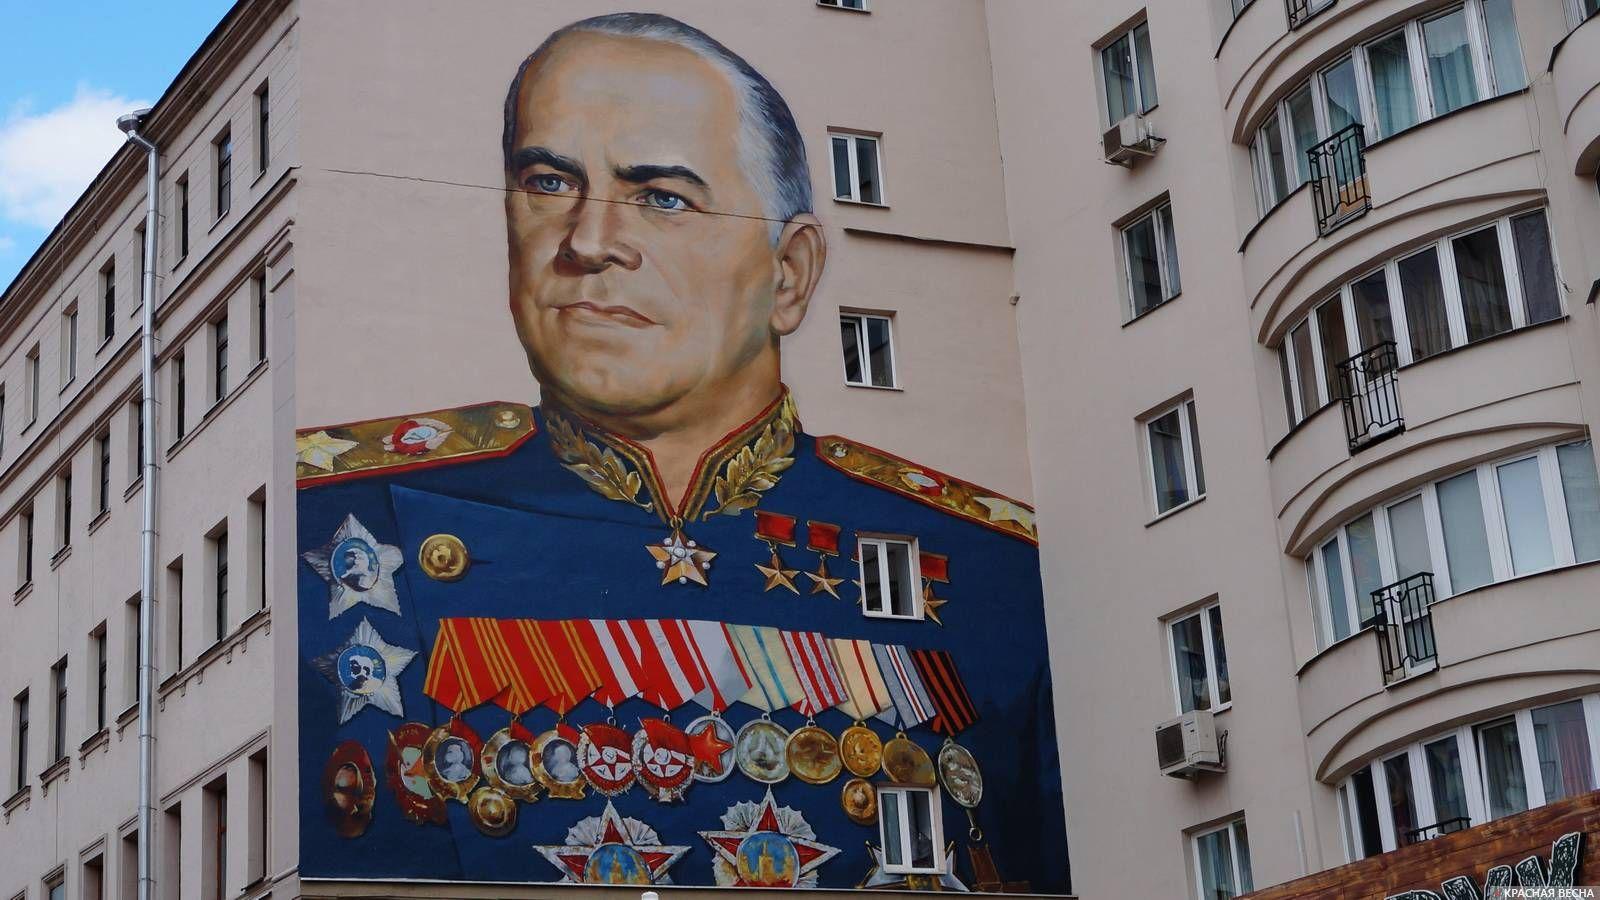 Память потомков. Портрет Маршала Г. Жукова на стене дома. Москва.